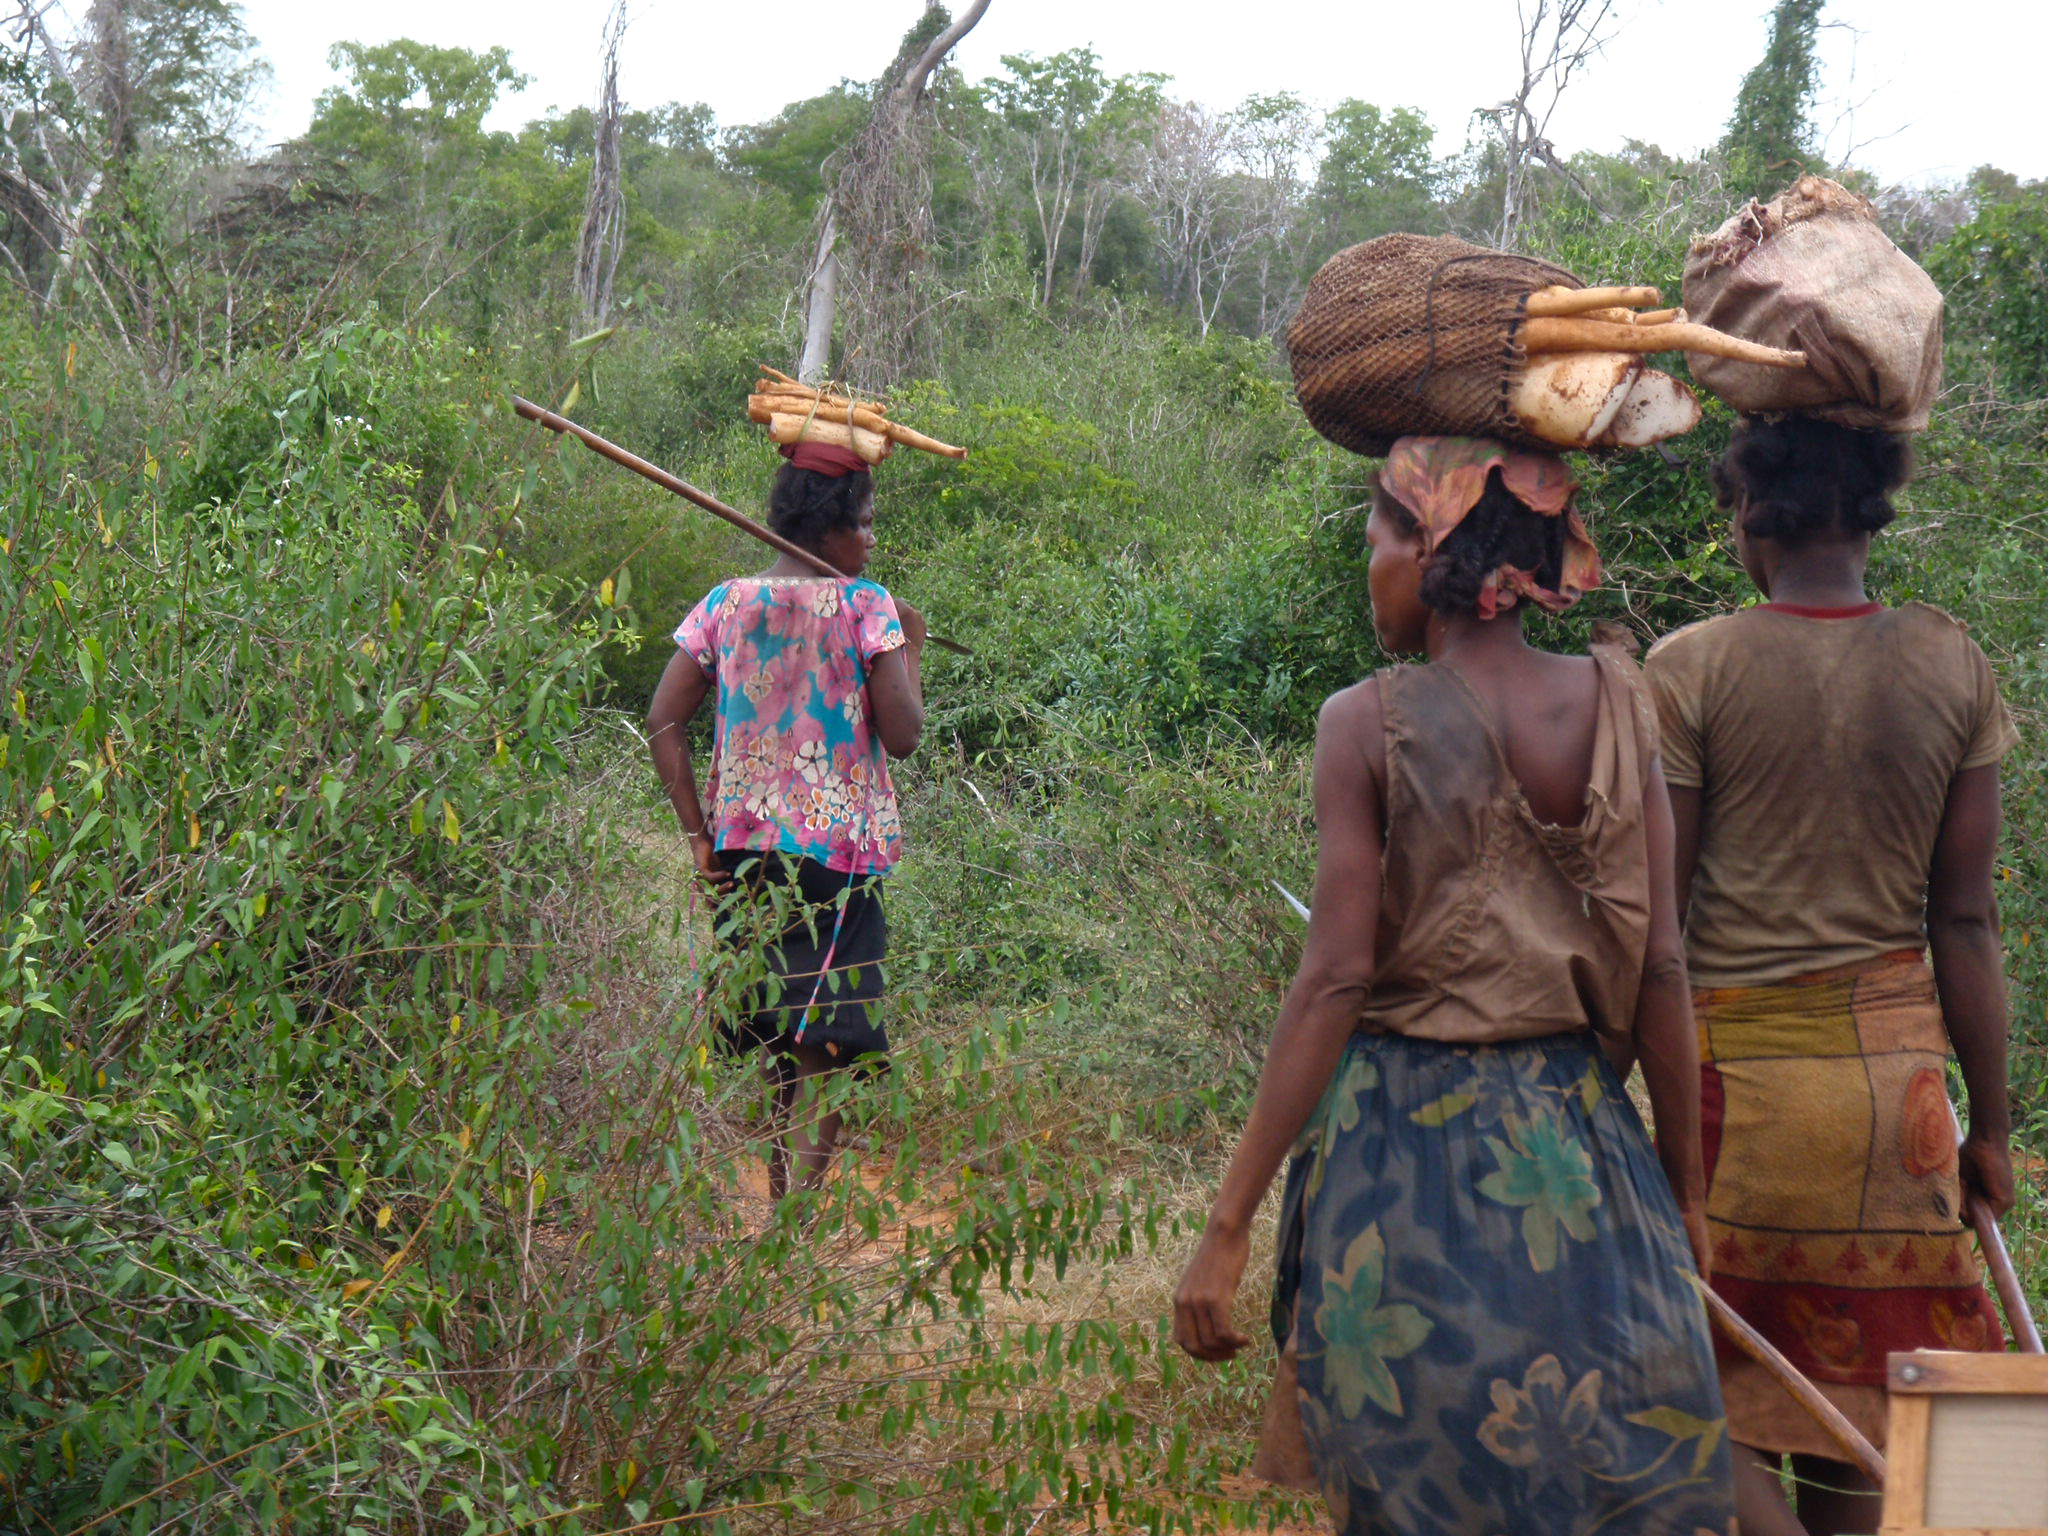 Retour des femmes au campement avec la récolte du jour.